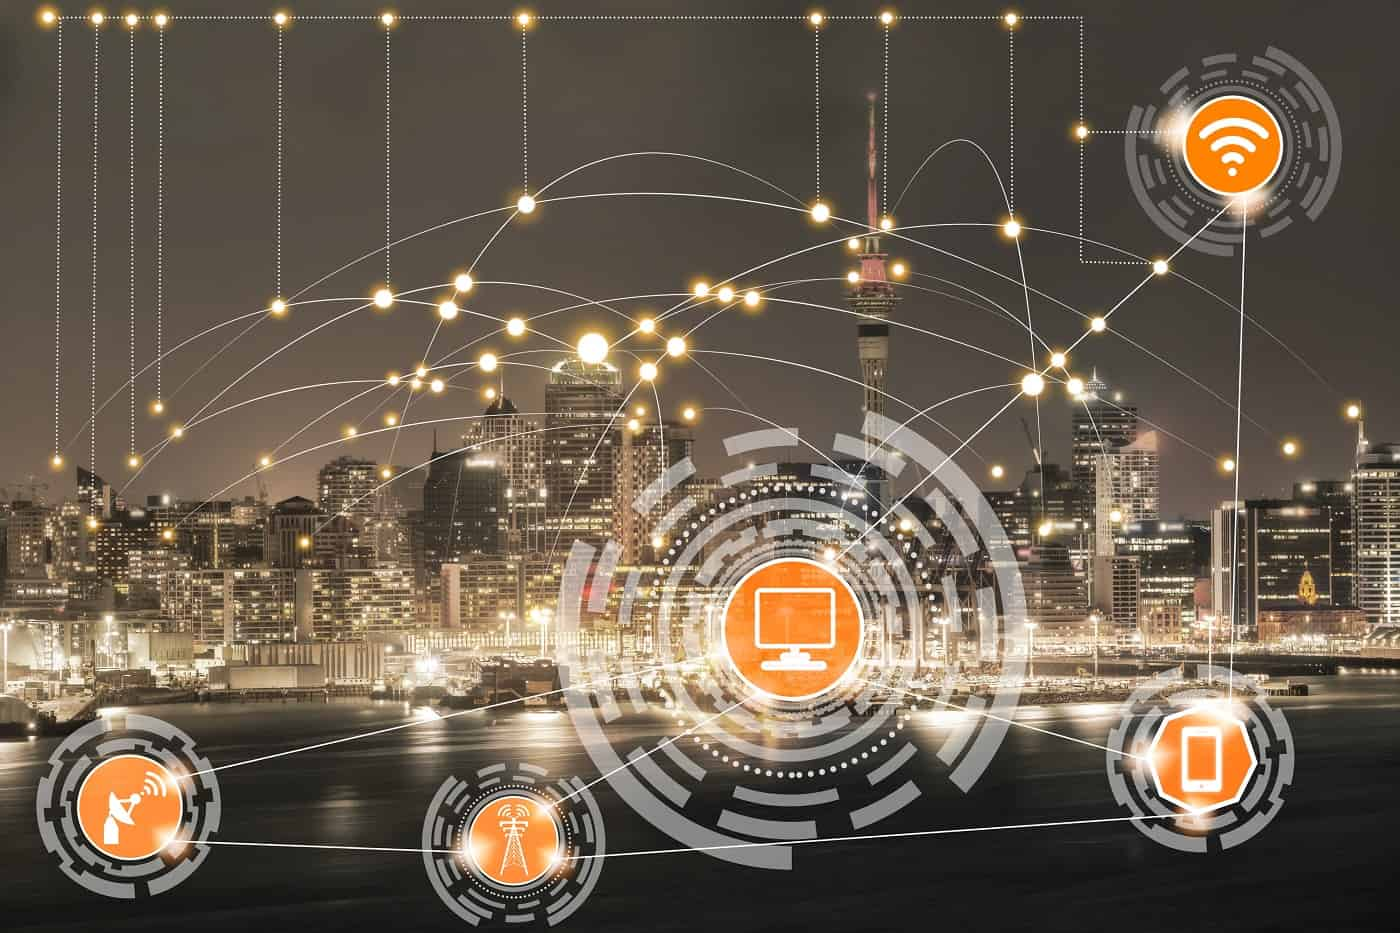 Concepto de ciudad inteligente Smart City 2